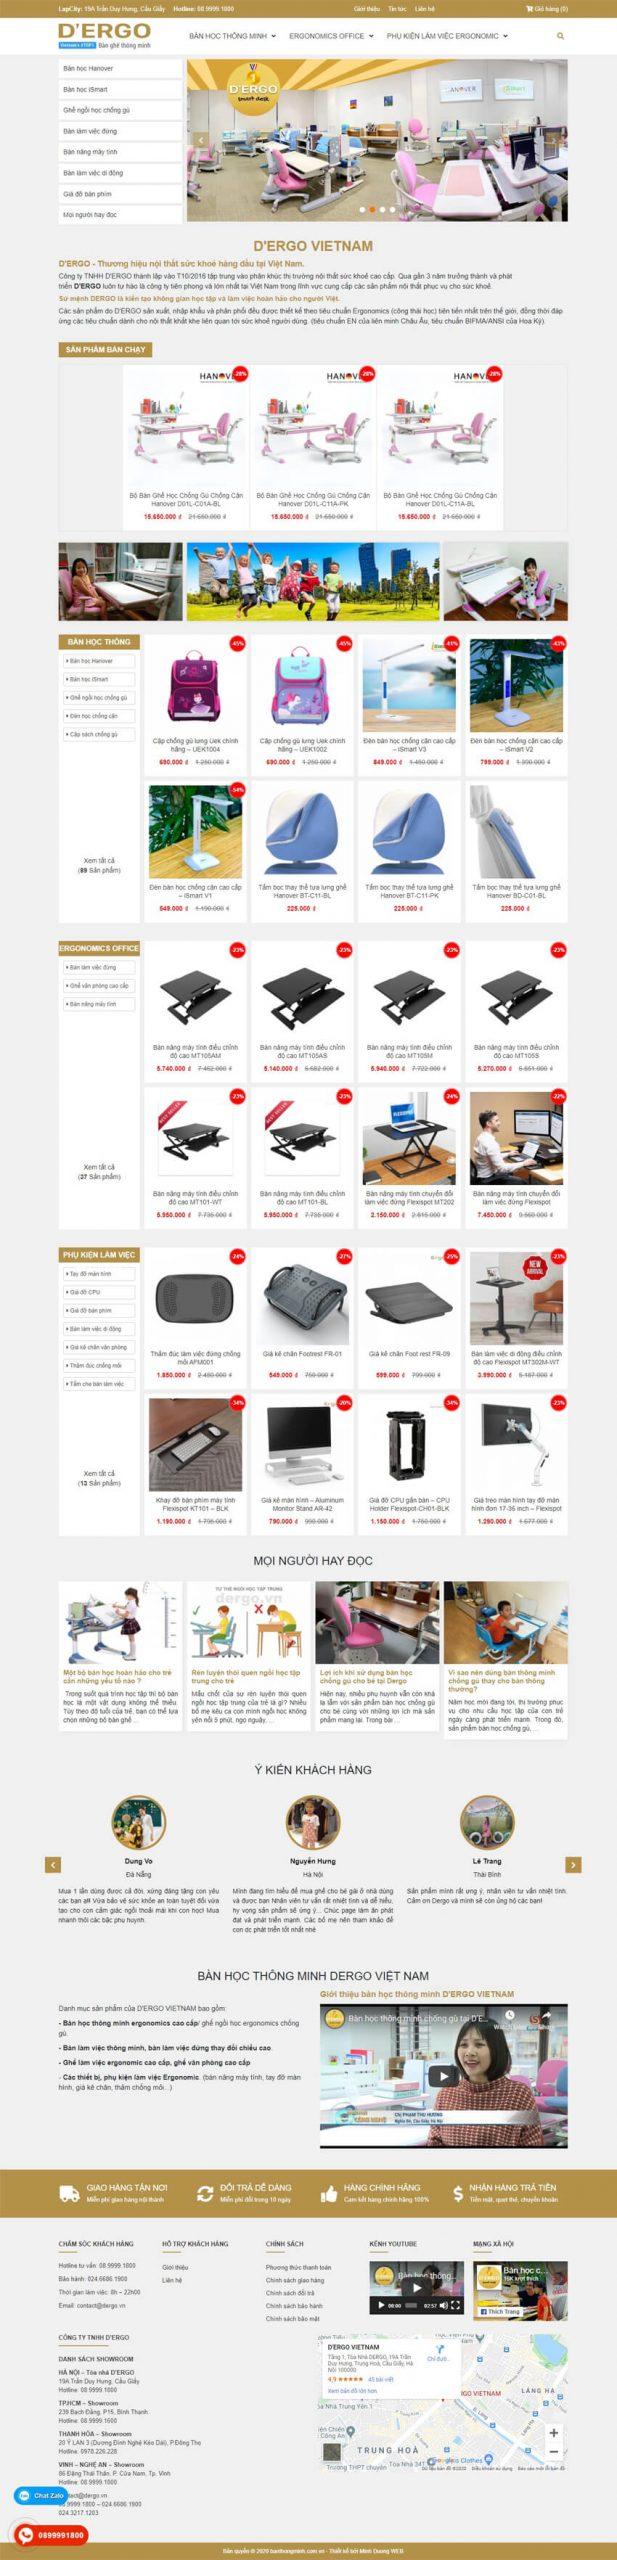 thiết kế web bàn học thông minh dergo